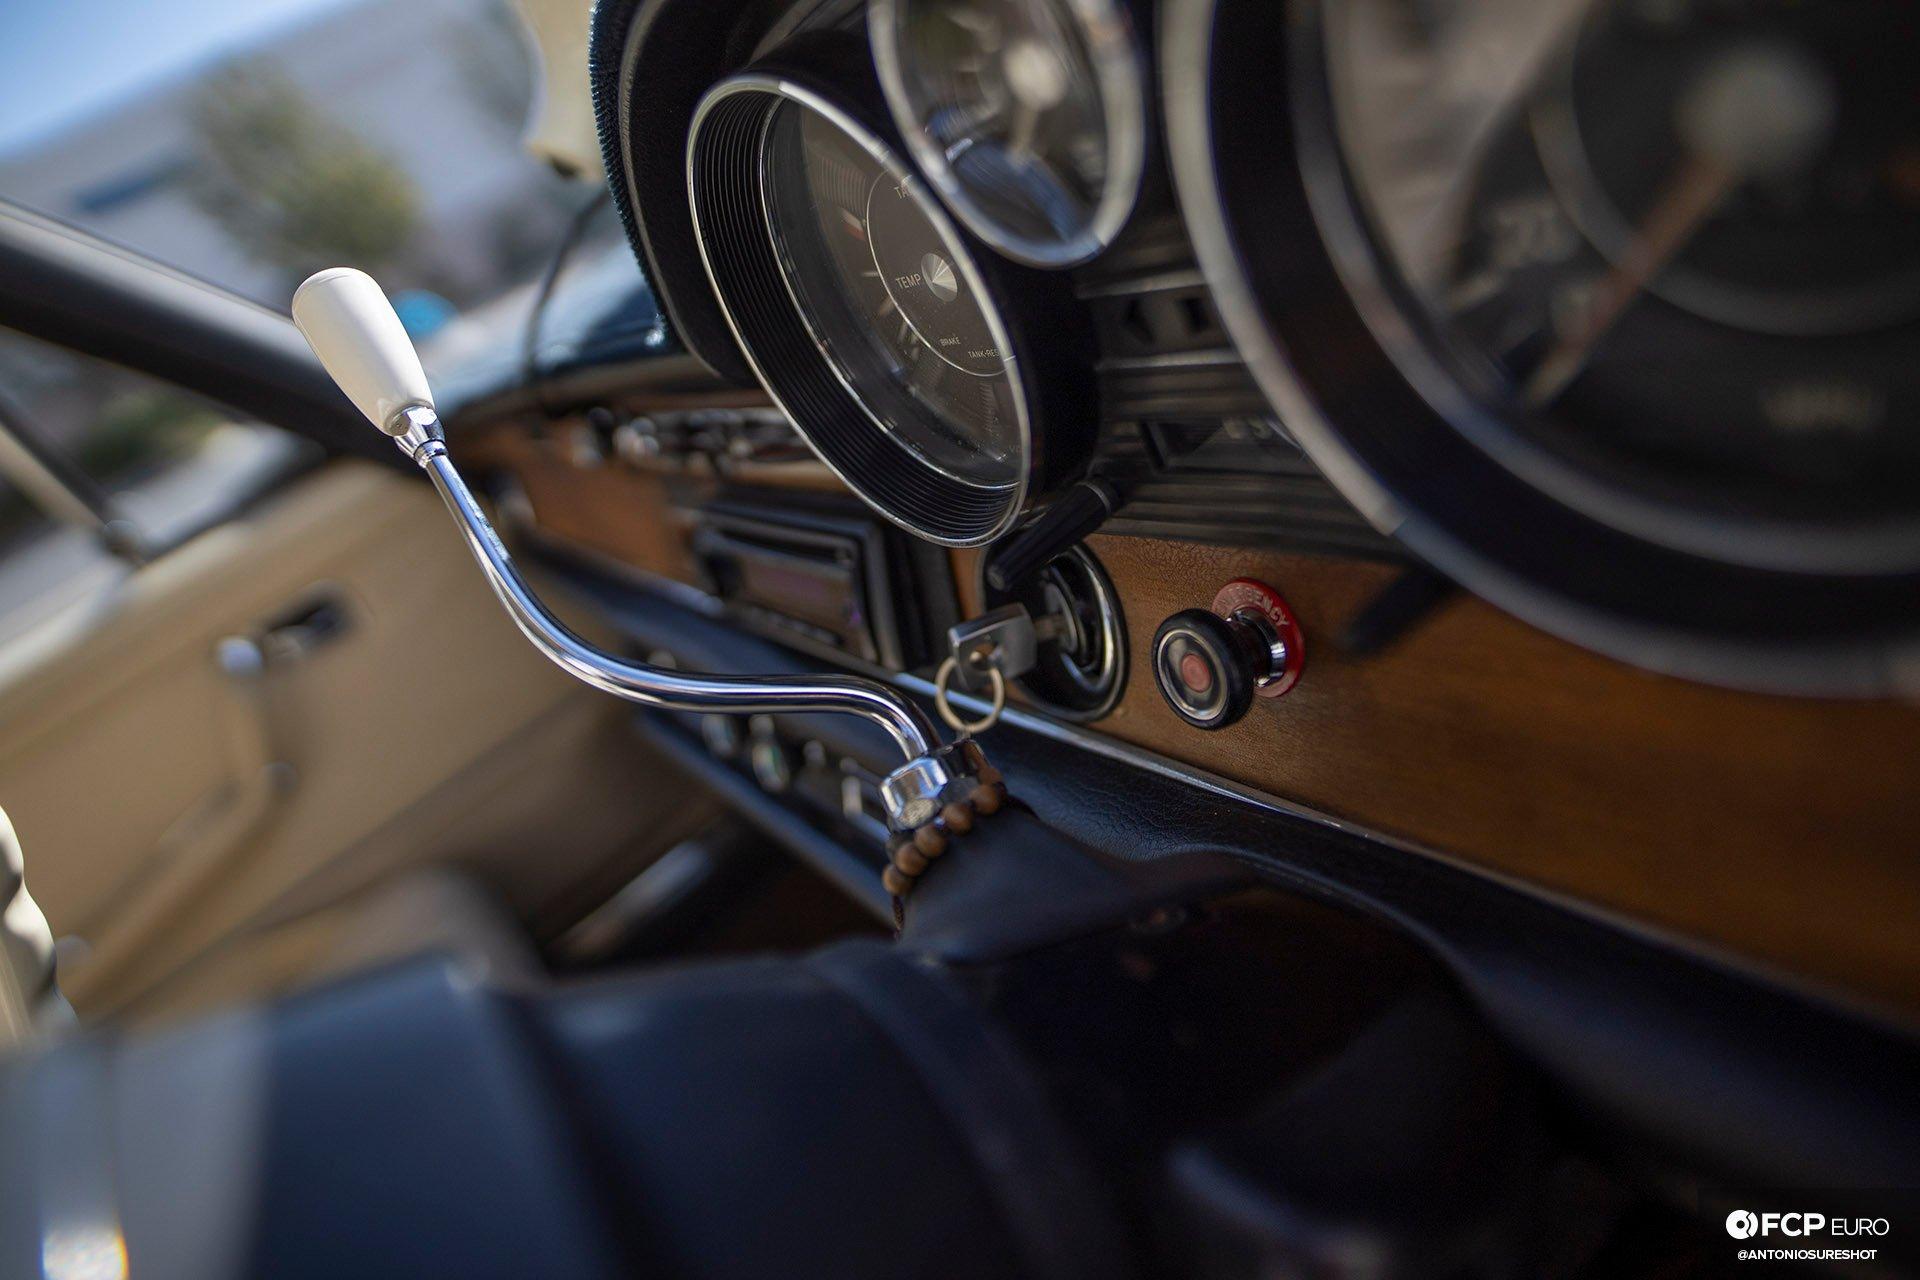 RHD 1972 Mercedes W108 280SE EOSR9753